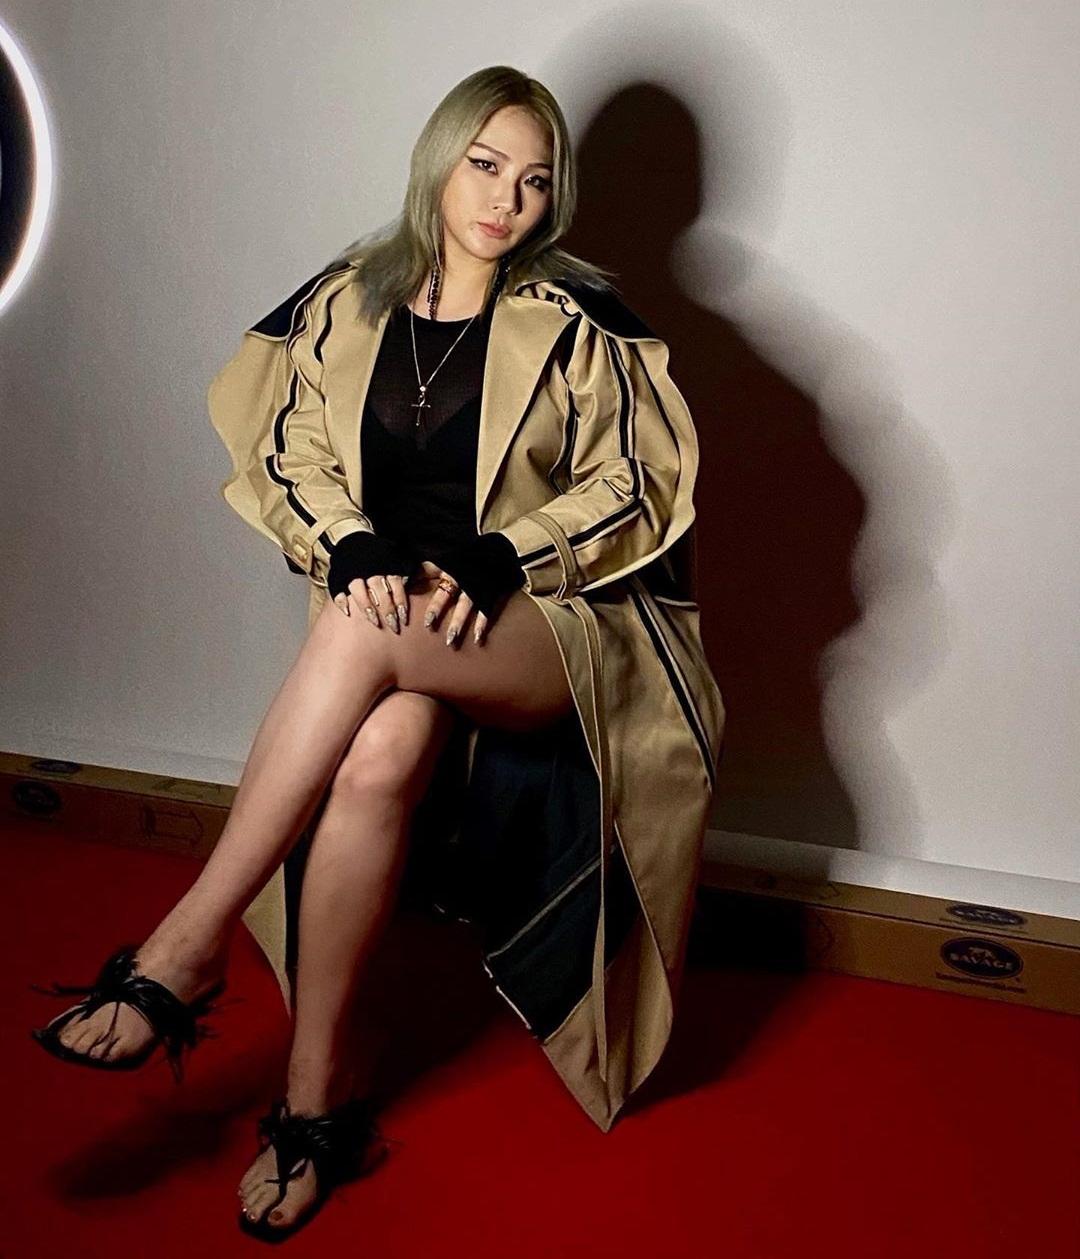 CL có khuôn mặt khác lạ trong bức ảnh mới nhất.